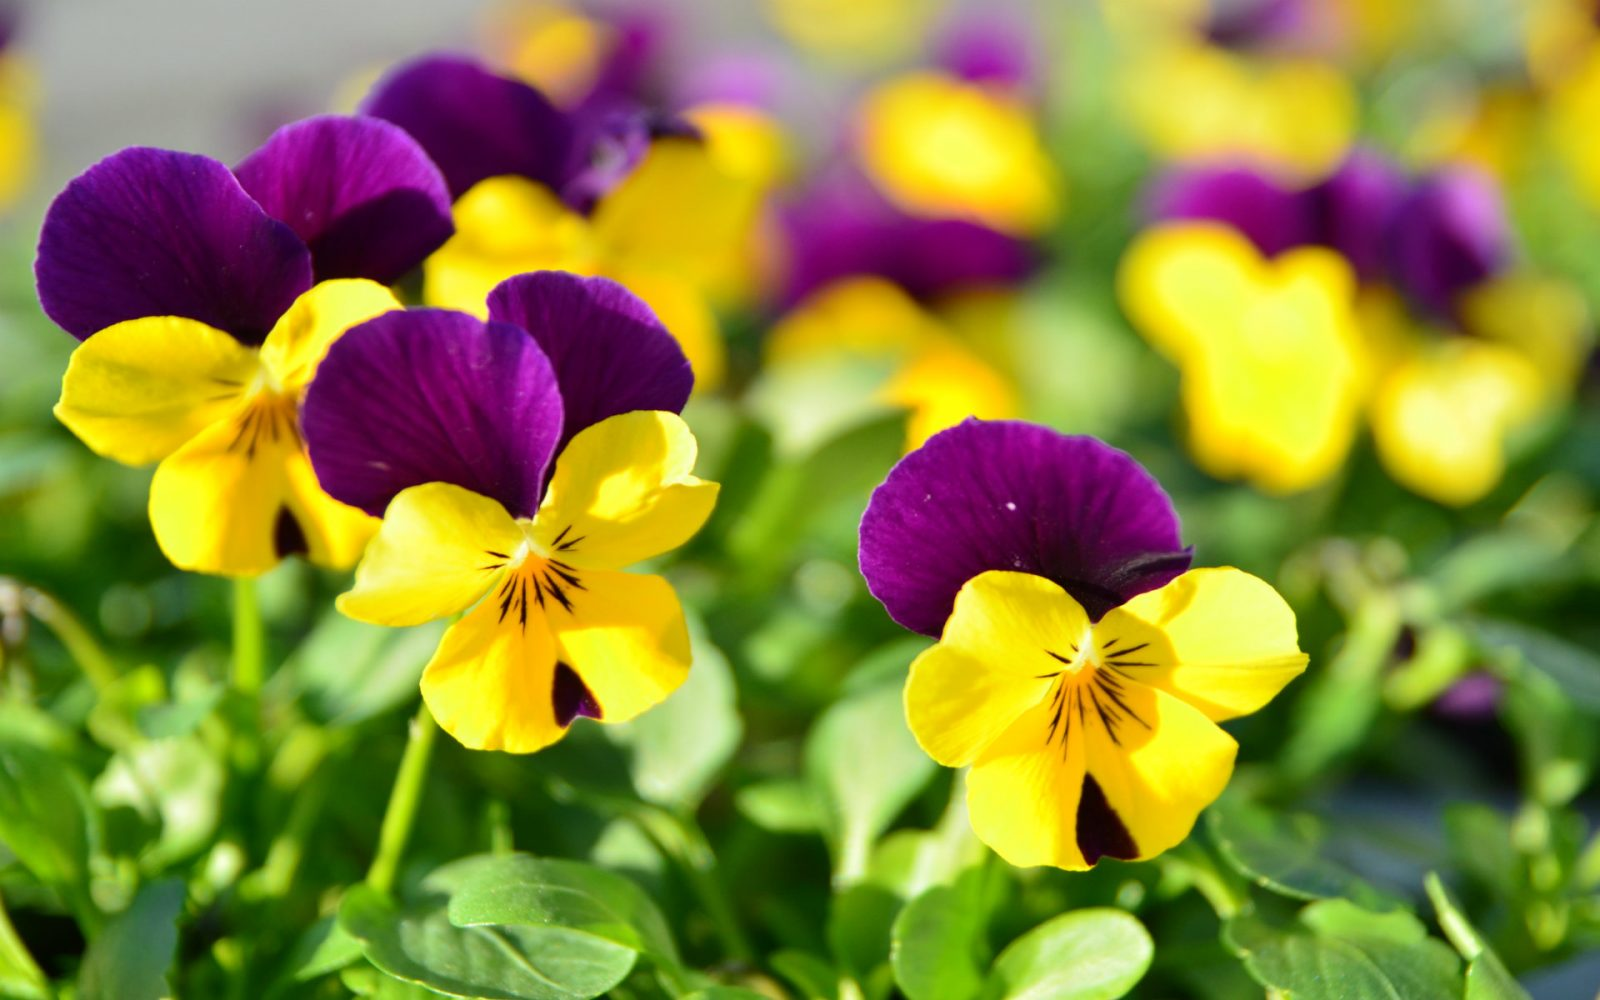 Consejos prácticos para el cuidado de las flores en CuidadoDeFlores.com